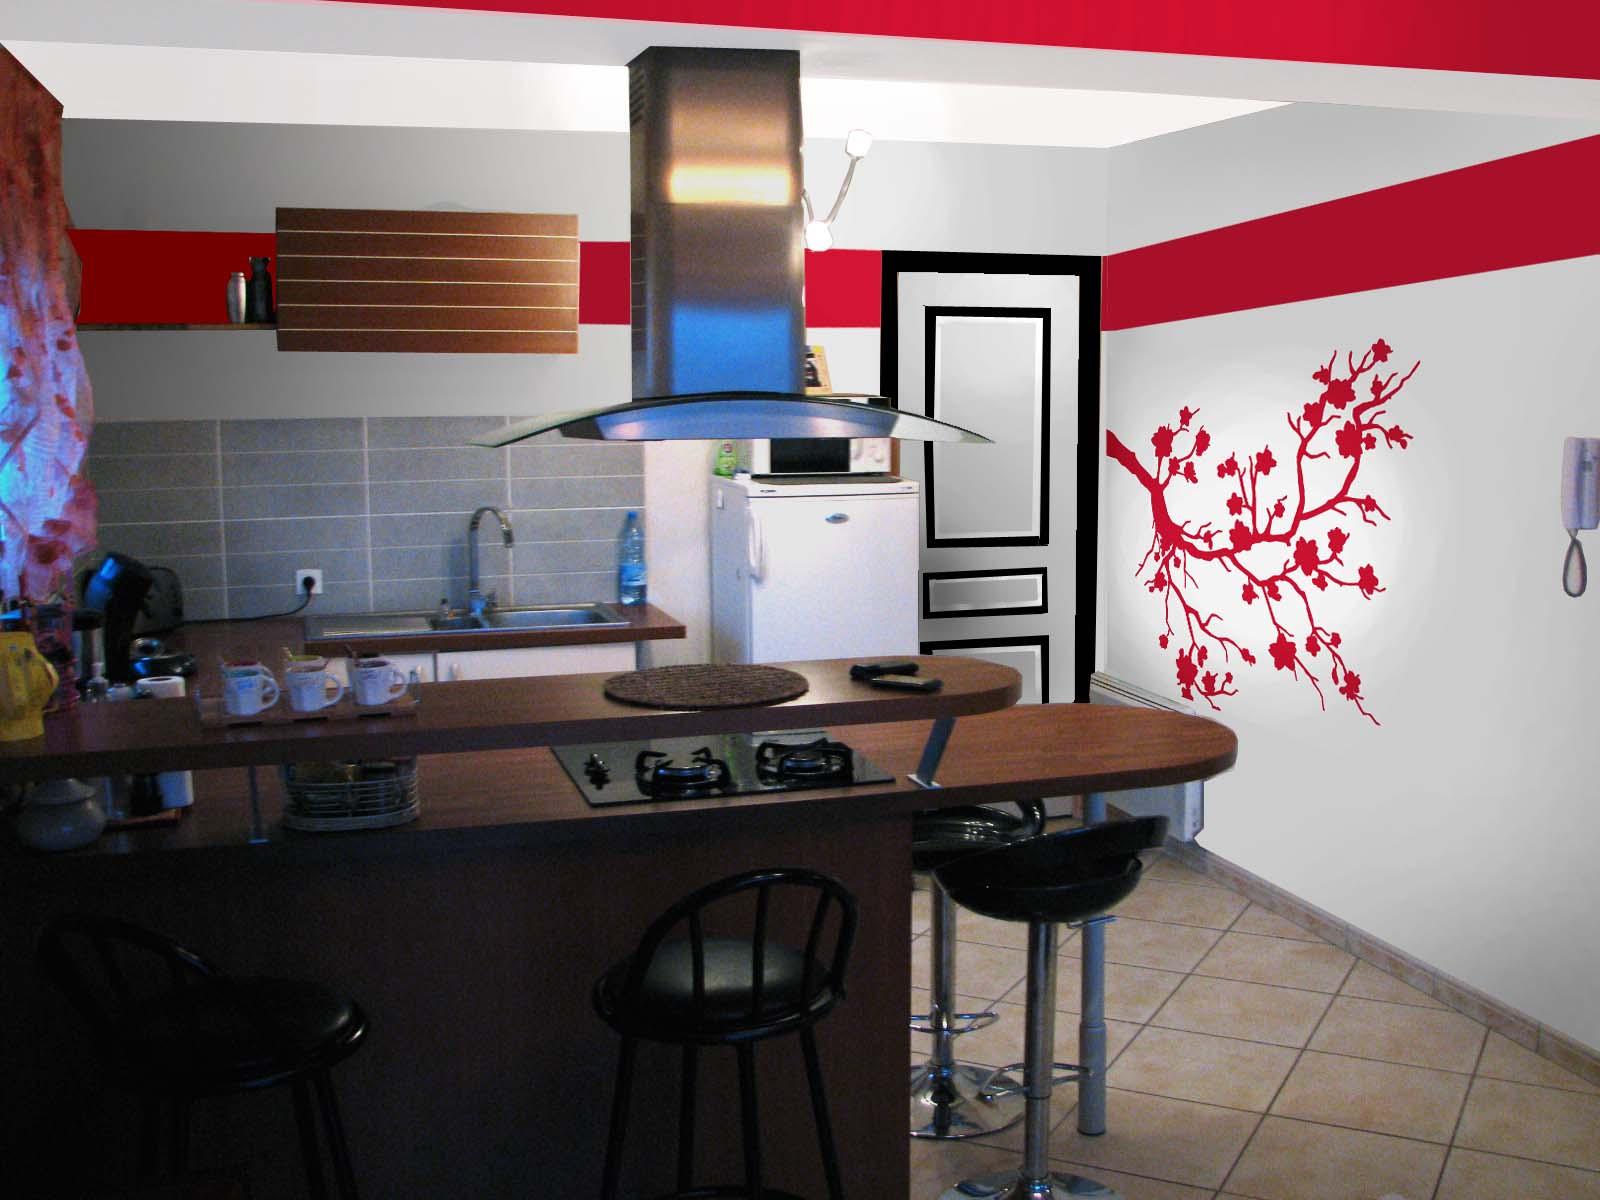 Salon Salle à Manger Et Cuisine De Rouge Et De Noir Dans Simulations  Img_0066  5 Eme Simulation Apltie 300x225 Dans Simulations